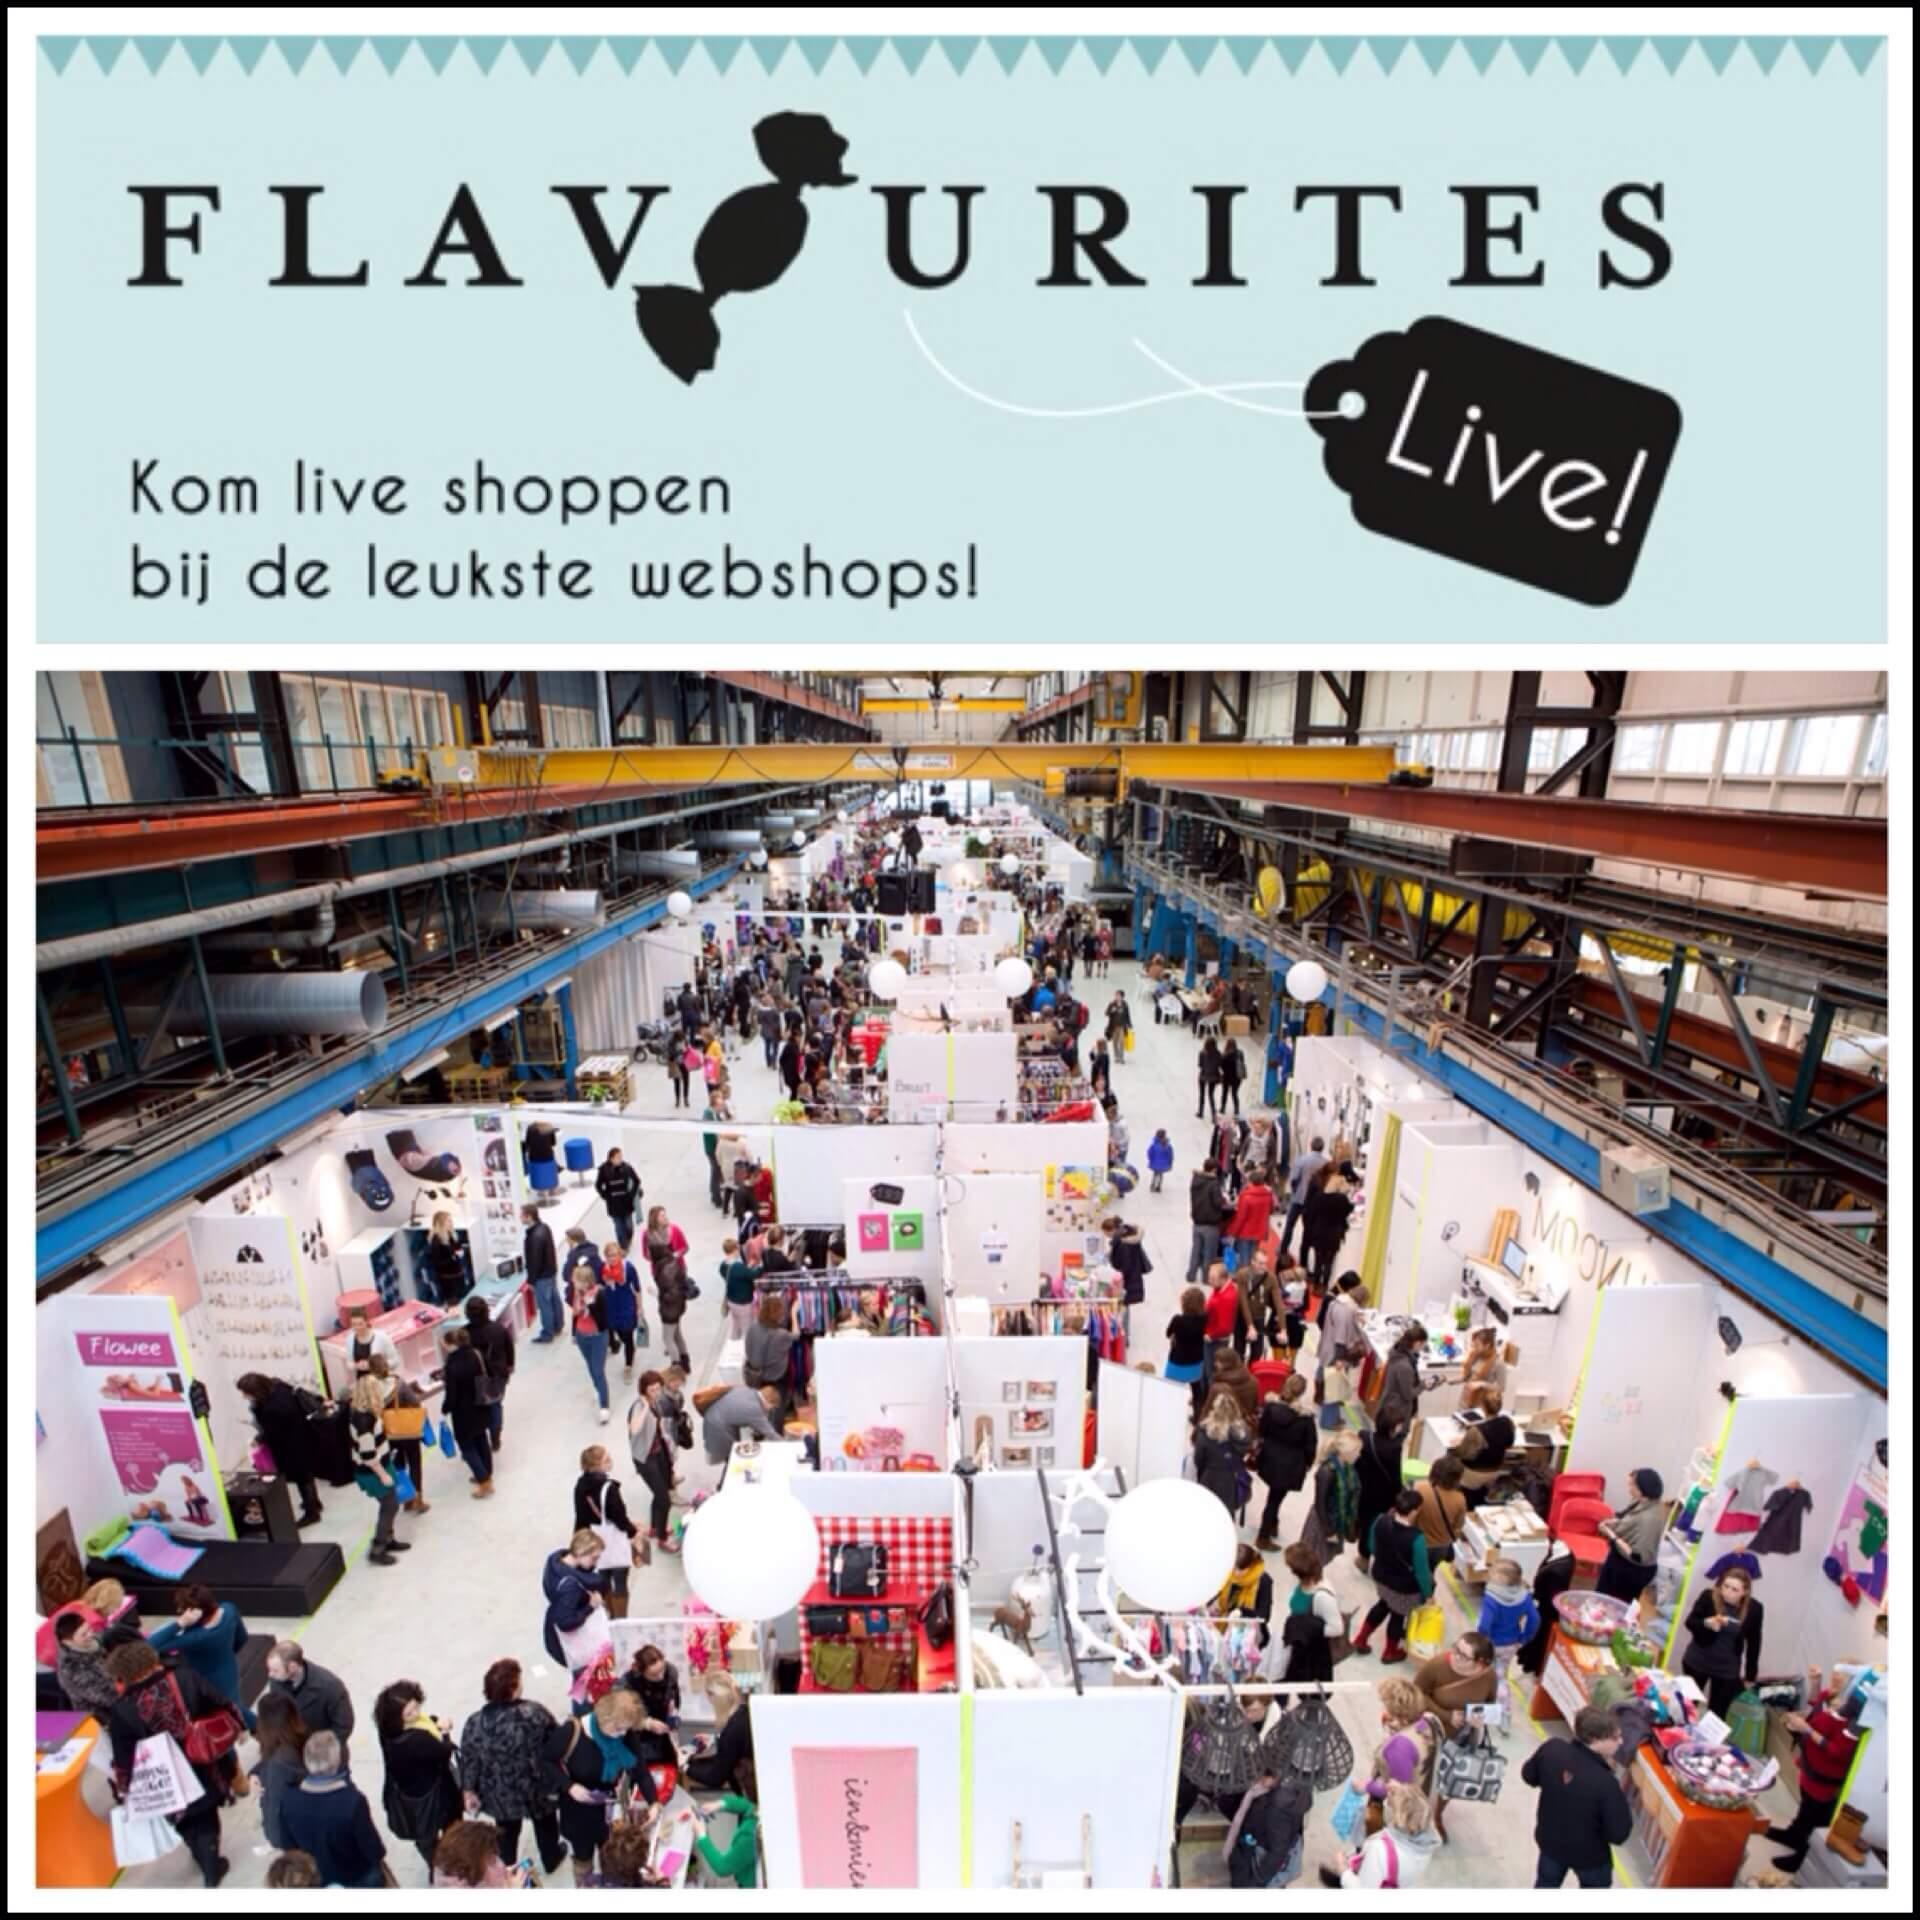 De leukste dingen voor kids op webshopevent Flavourites Live